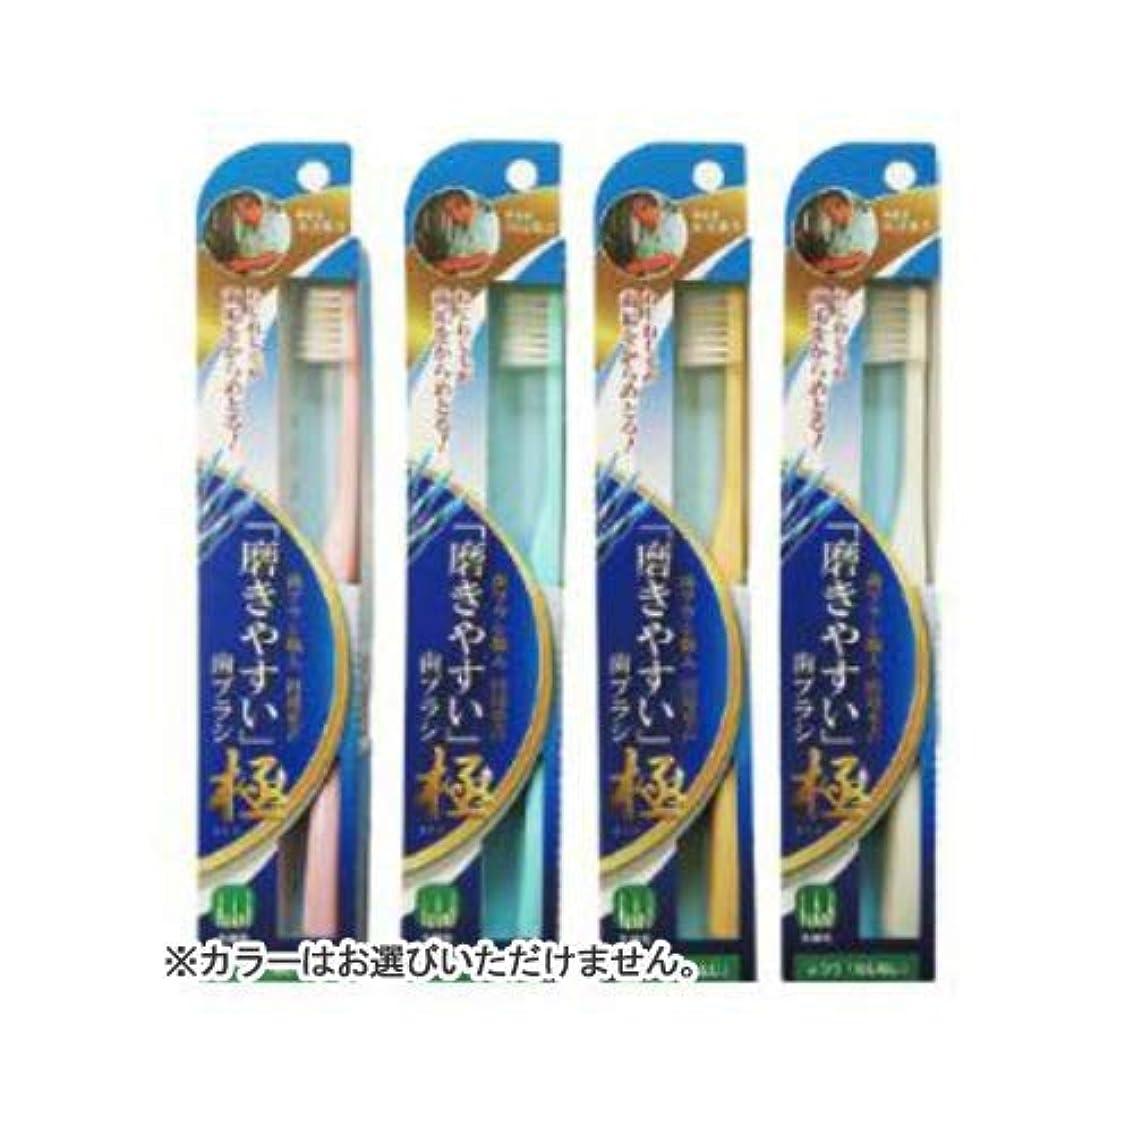 十分ではないオン卵LT-45磨きやすい歯ブラシ極 ねじねじ × 480個セット